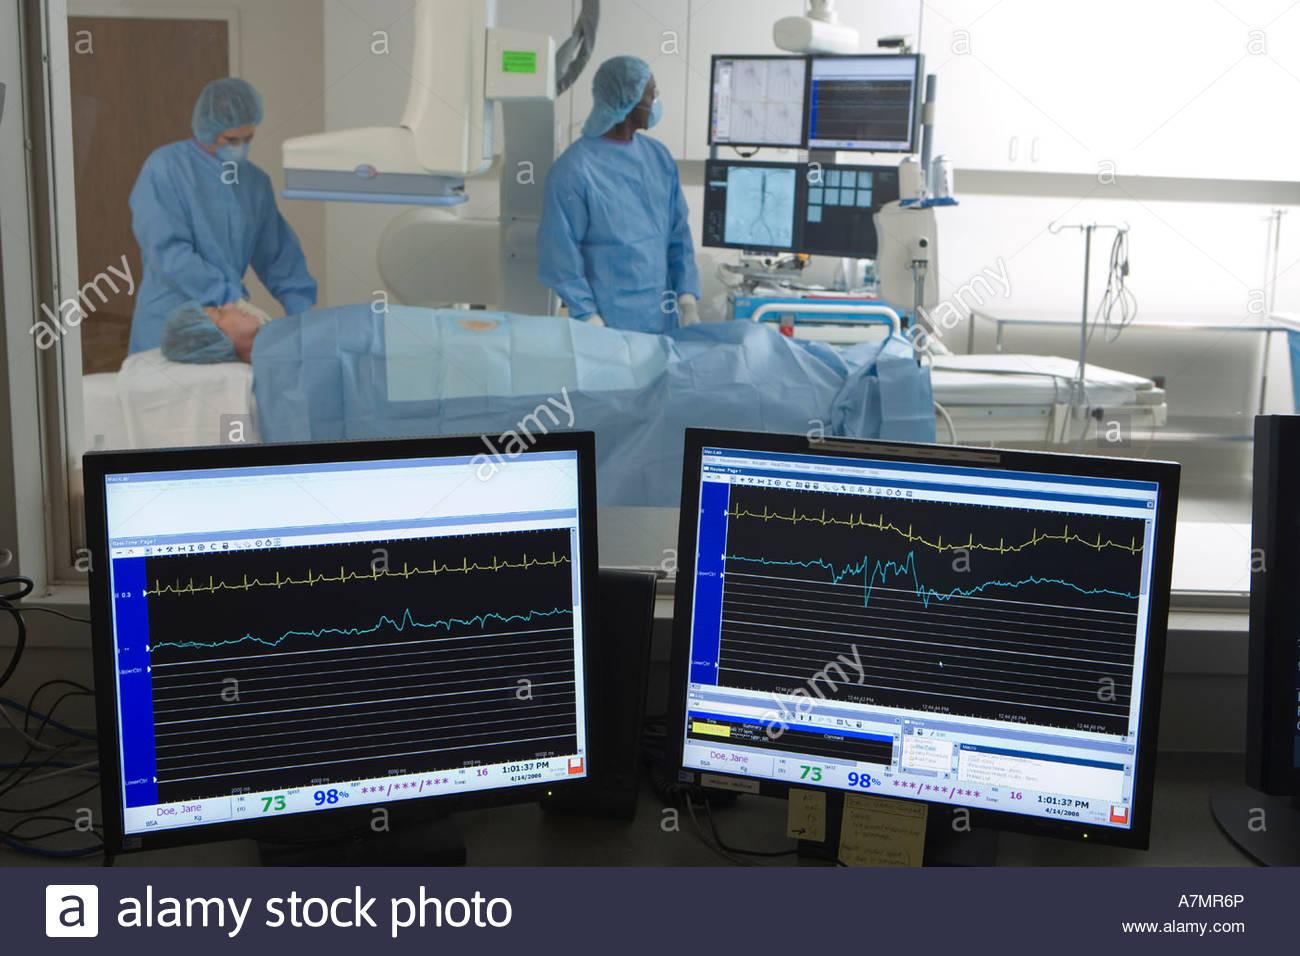 L'analyse des médecins à l'hôpital du patient moniteurs visuels en premier plan Photo Stock